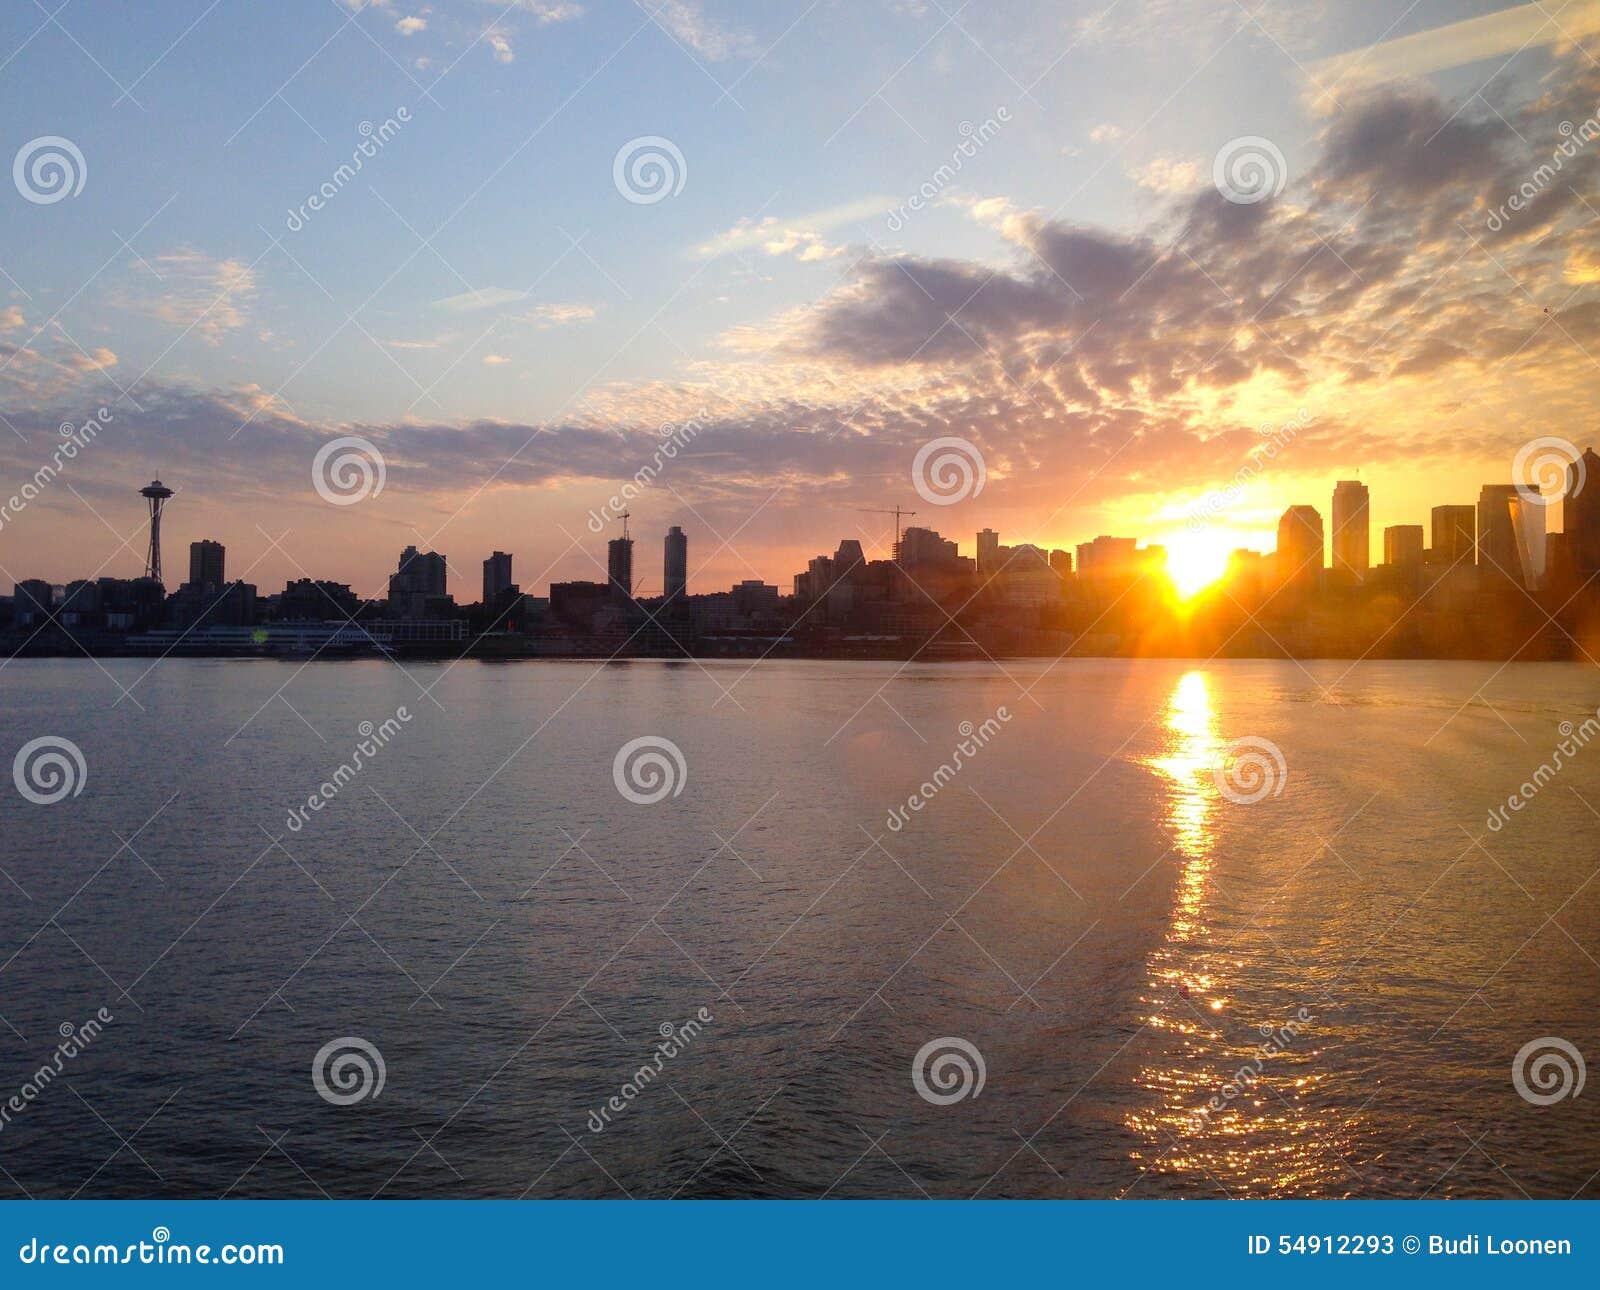 Linia horyzontu Seattle WA, wschód słońca - Stany Zjednoczone Ameryka